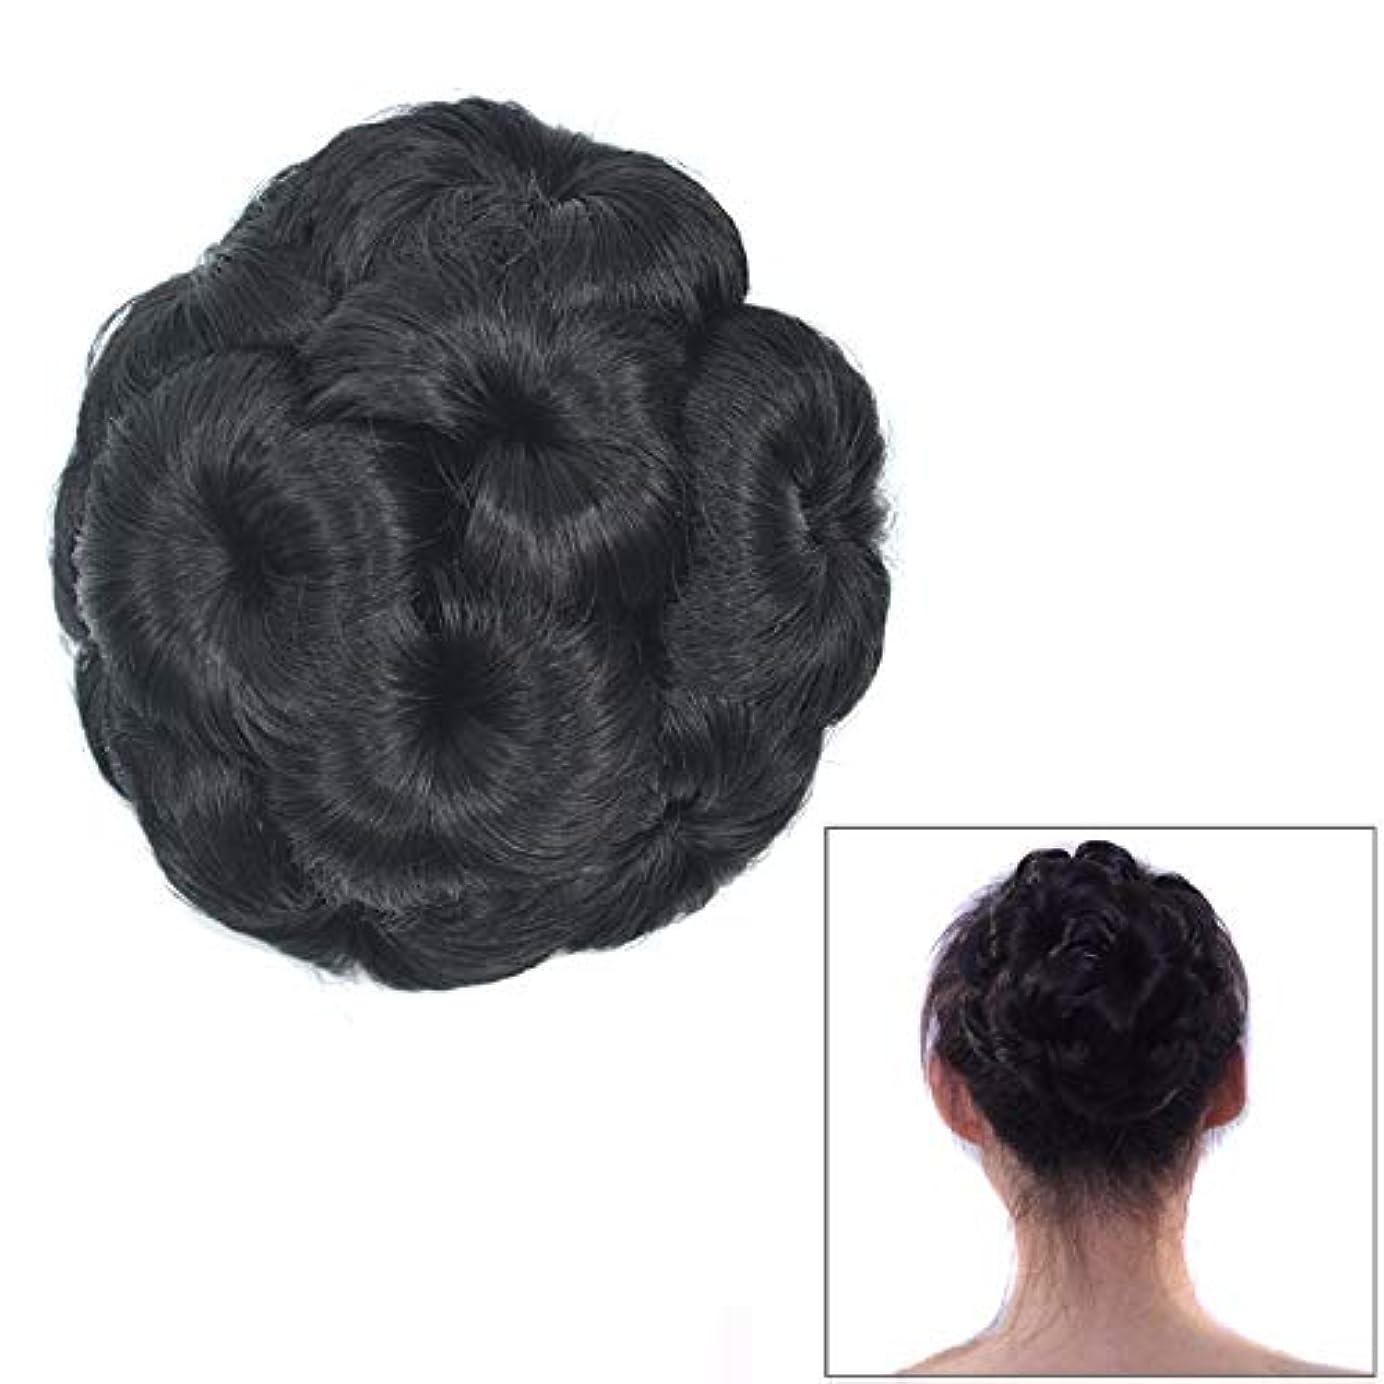 引き出すサーバ基礎理論美しさ 花嫁のためのかつらボールヘッド花のヘアピンのヘアバッグかつらヘッドバンド ヘア&シェービング (色 : Black)